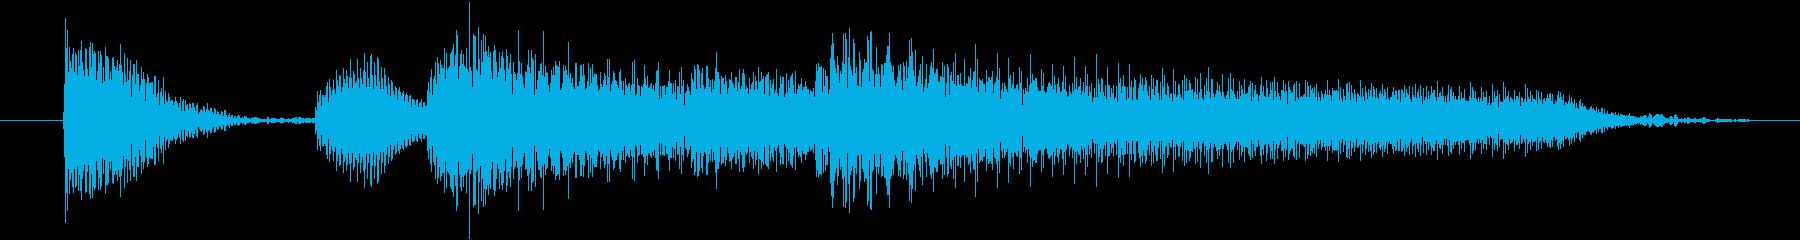 お洒落なピアノの3秒ジングルの再生済みの波形